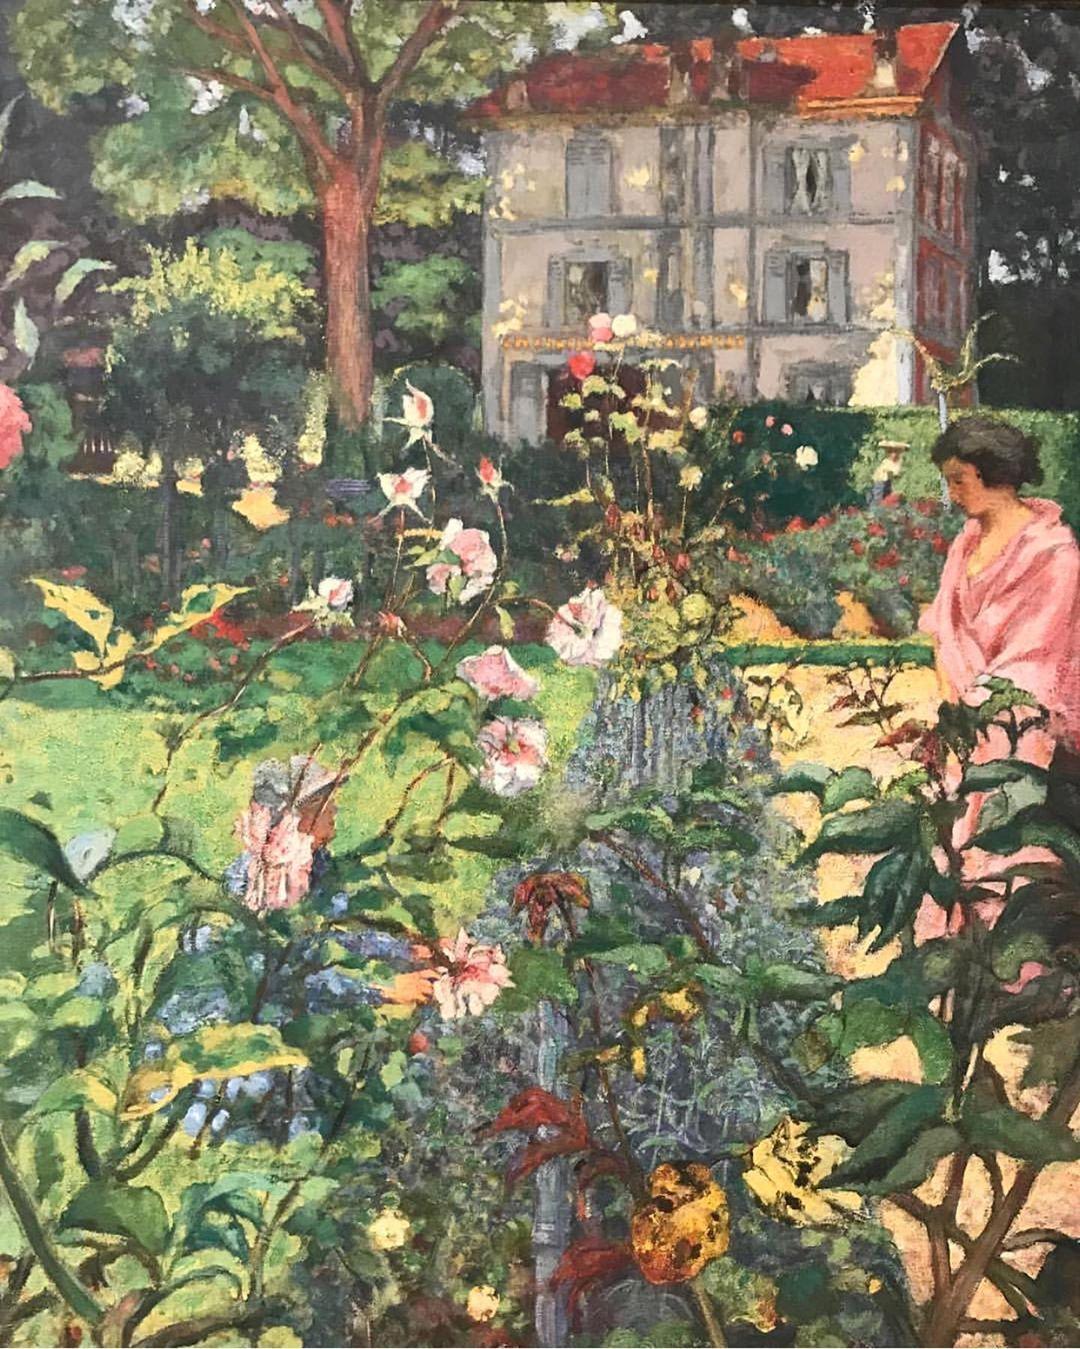 Garden At Vaucresson By Edouard Vuillard 1920 Distemper On Canvas Painting Painter Garden House Art Artist Edouard Vuillard Fine Art Posters Art Prints